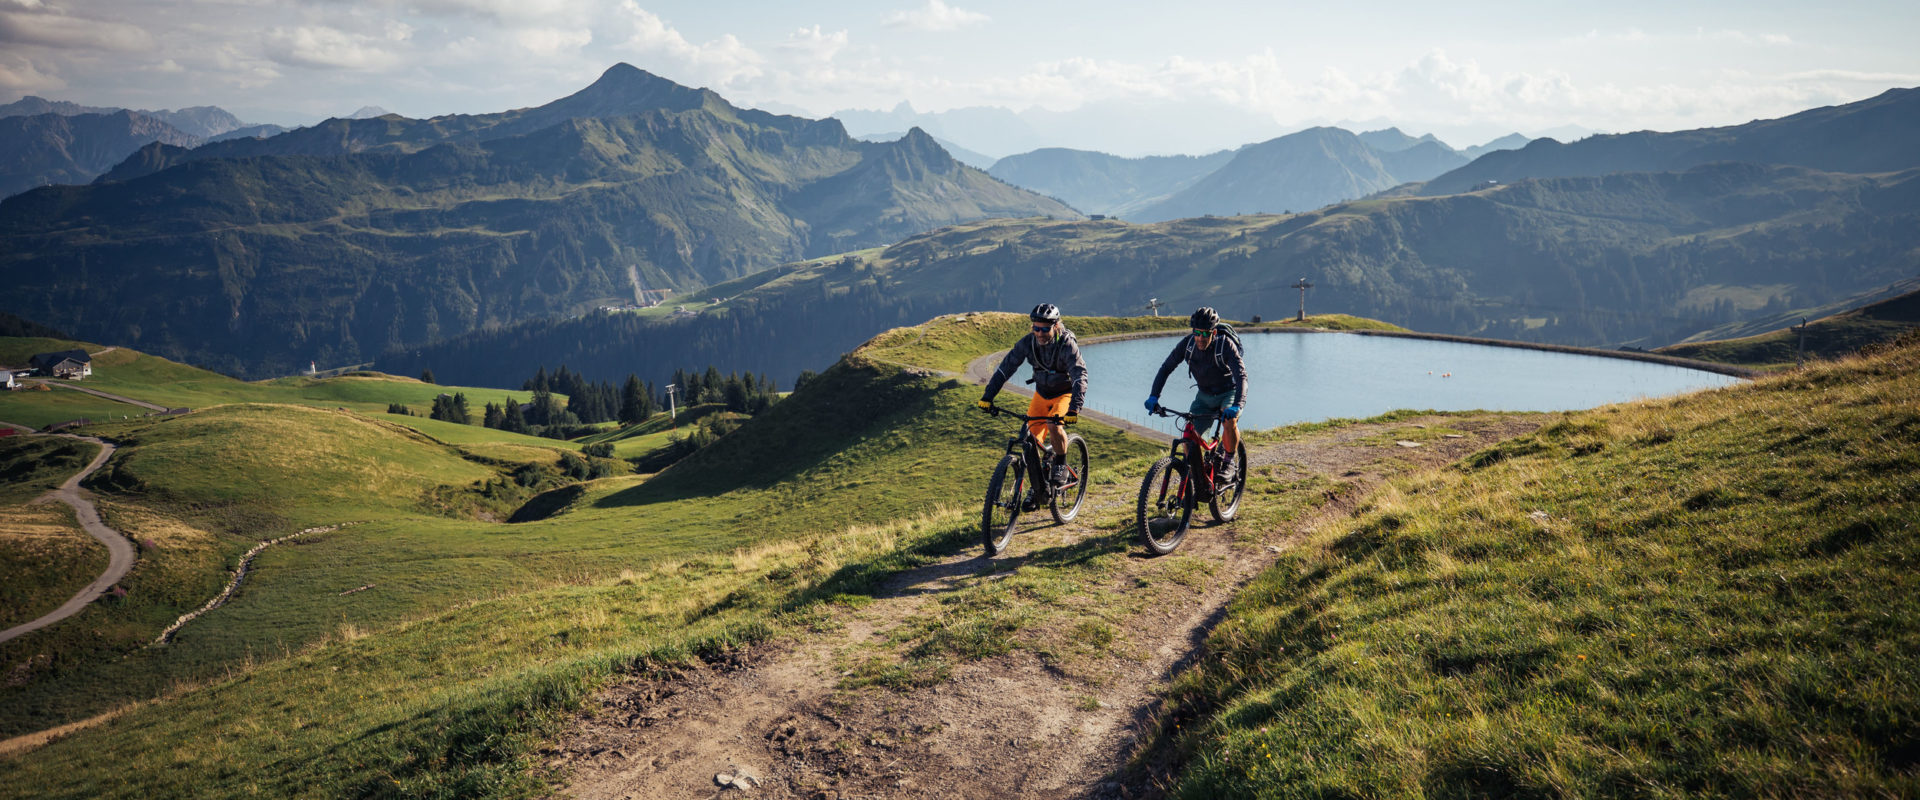 Mountainbiken in Damüls © Sebastian Stiphout / Bregenzerwald Tourismus